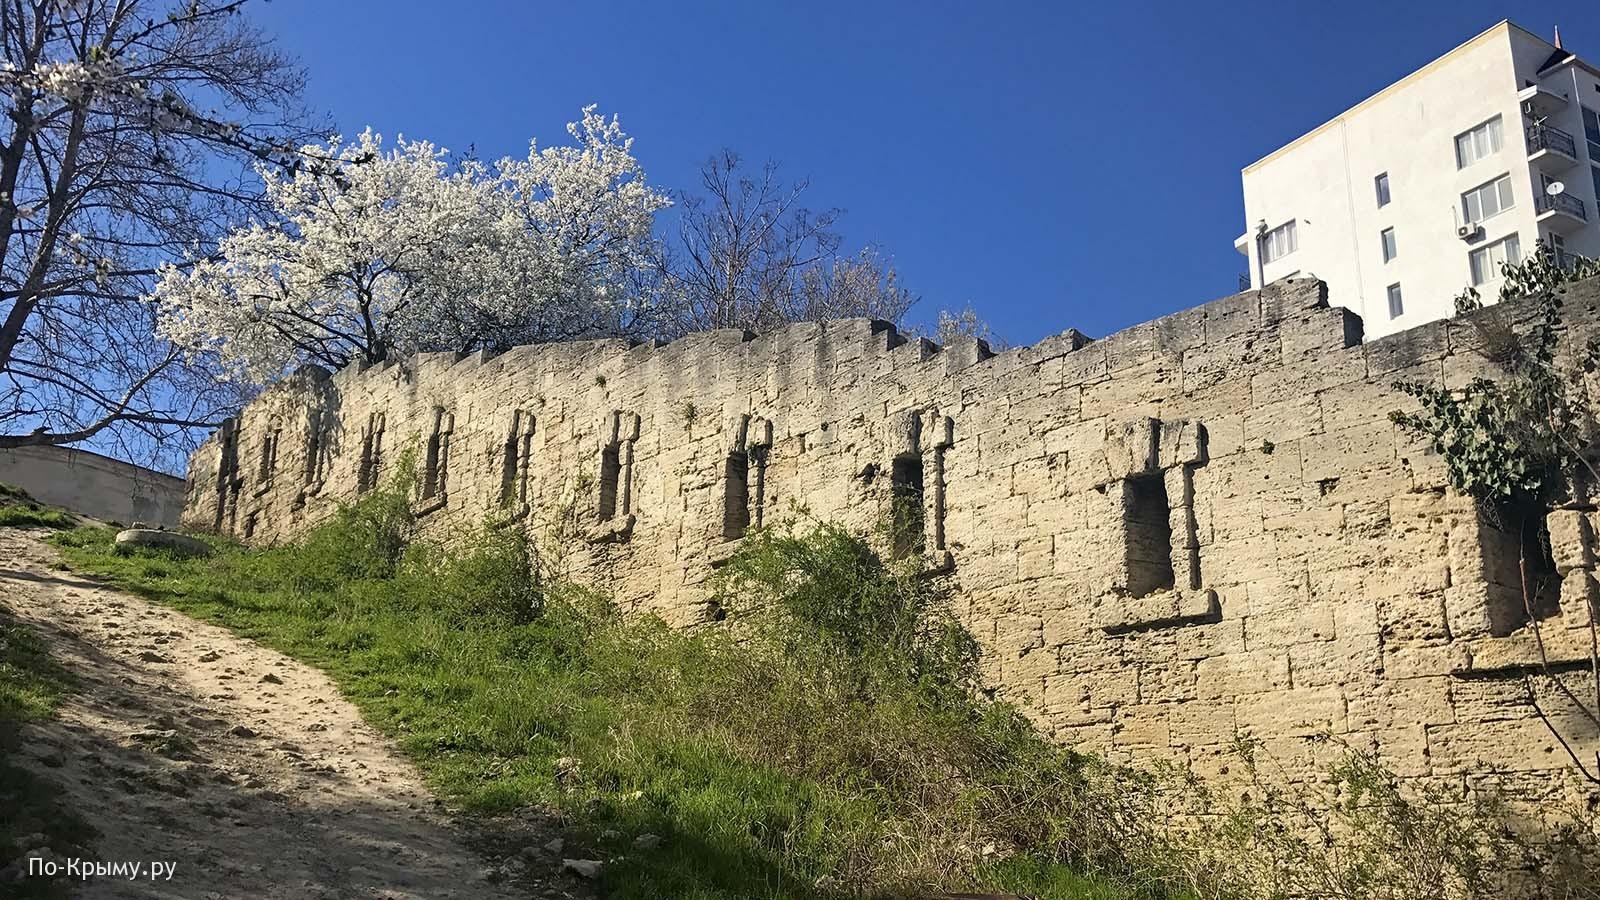 Севастополь, Крепостной пер. 7-й бастион